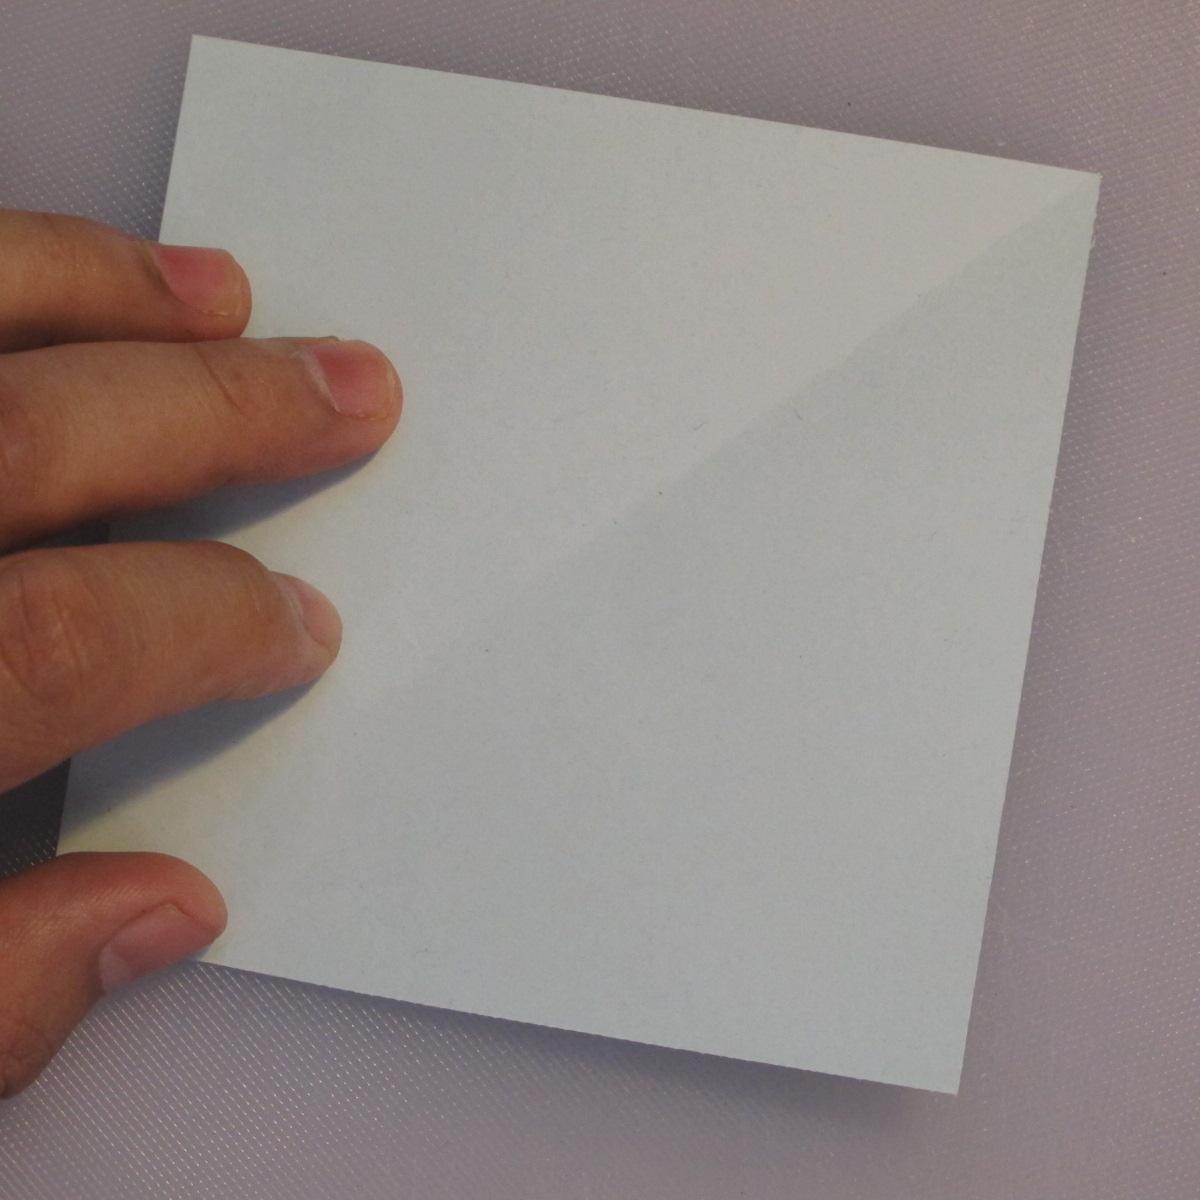 วิธีพับกระดาษเป็นรูปกล่อง 001